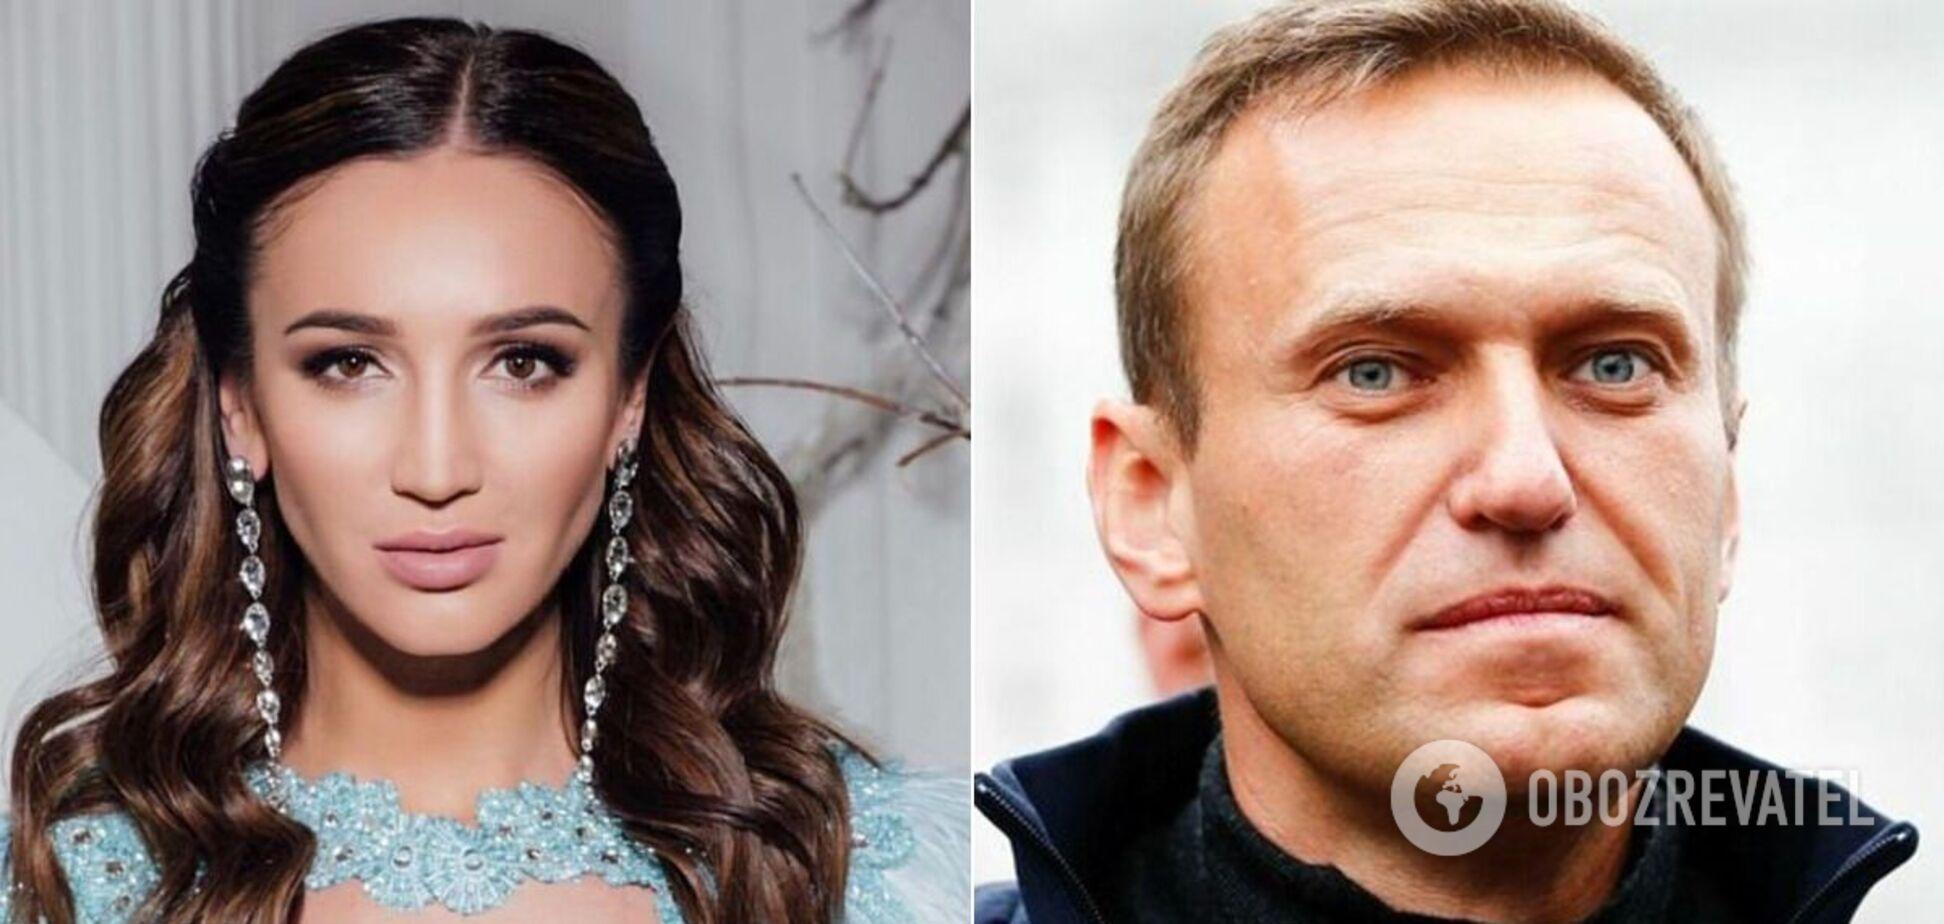 Бузовій влаштували несподіваний 'сюрприз' через Навального: співачка вилаялася. Відео